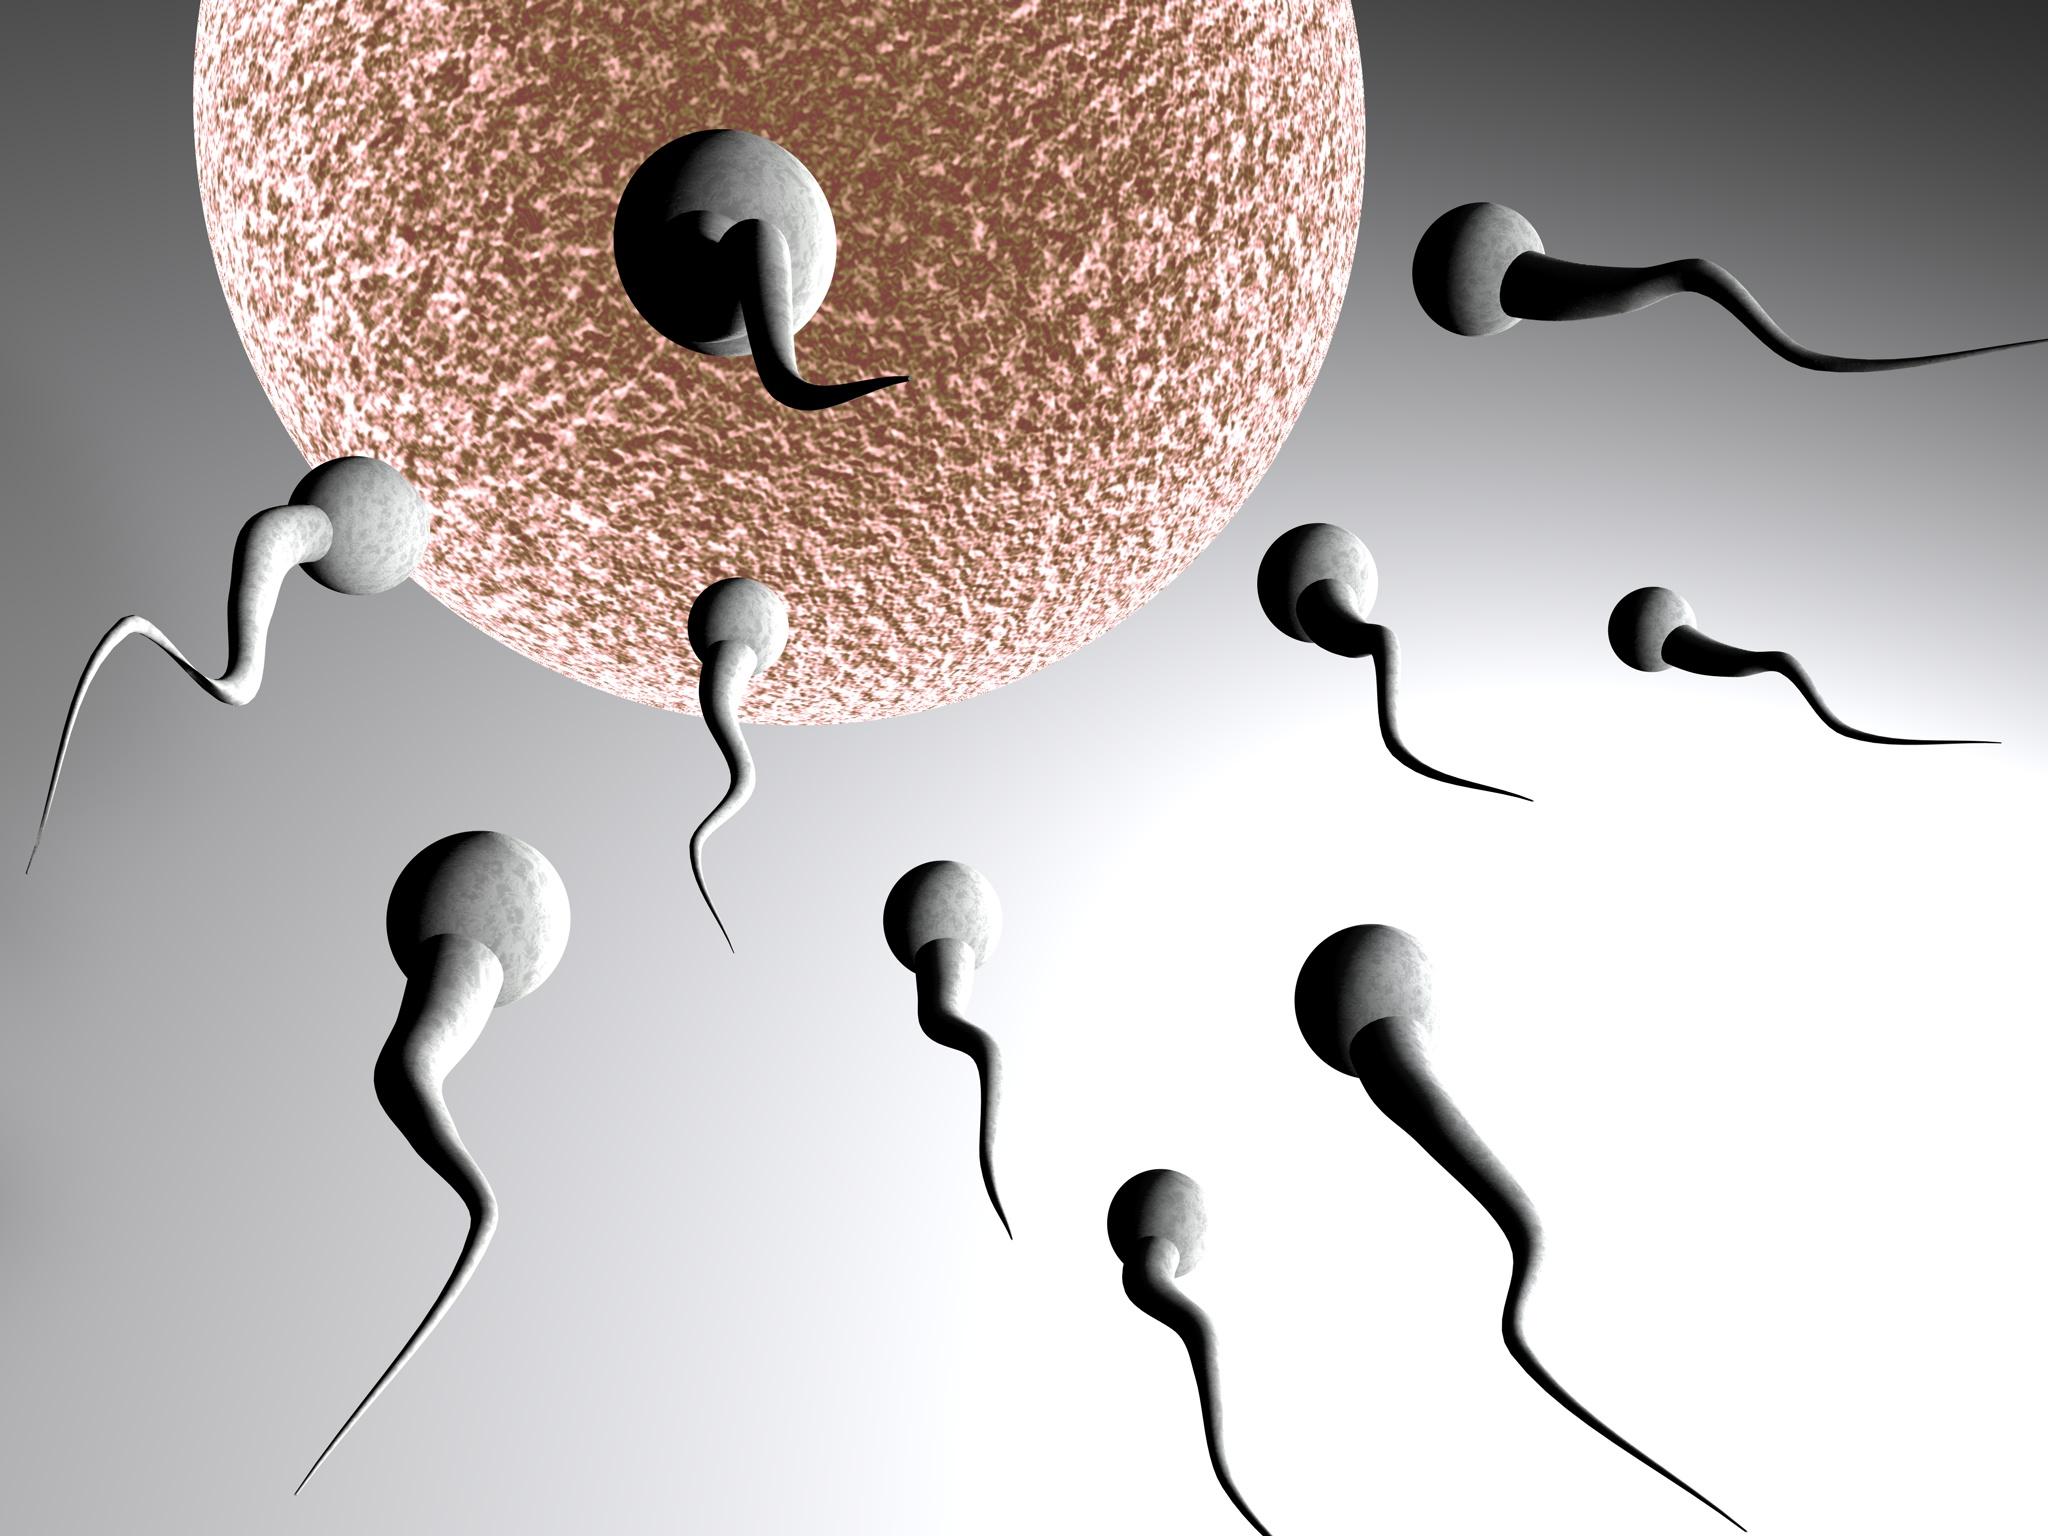 Erkekte Kısırlığın Genetik Sebepleri Nelerdir?